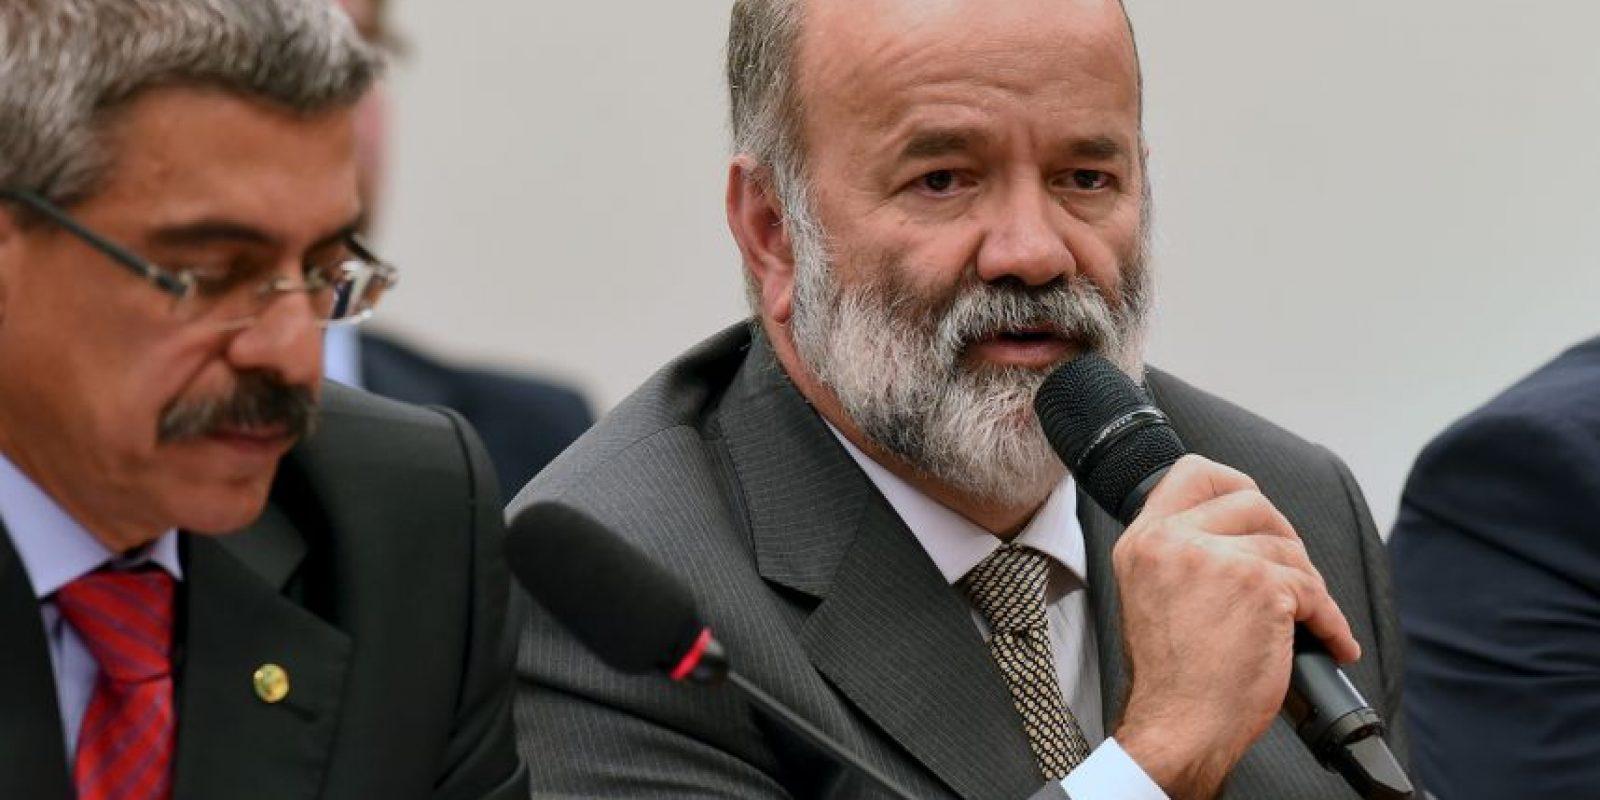 Cinco personas investigadas en la operación señalaron en sus declaraciones a Vaccari como receptor del dinero de los sobornos Foto:Getty Images